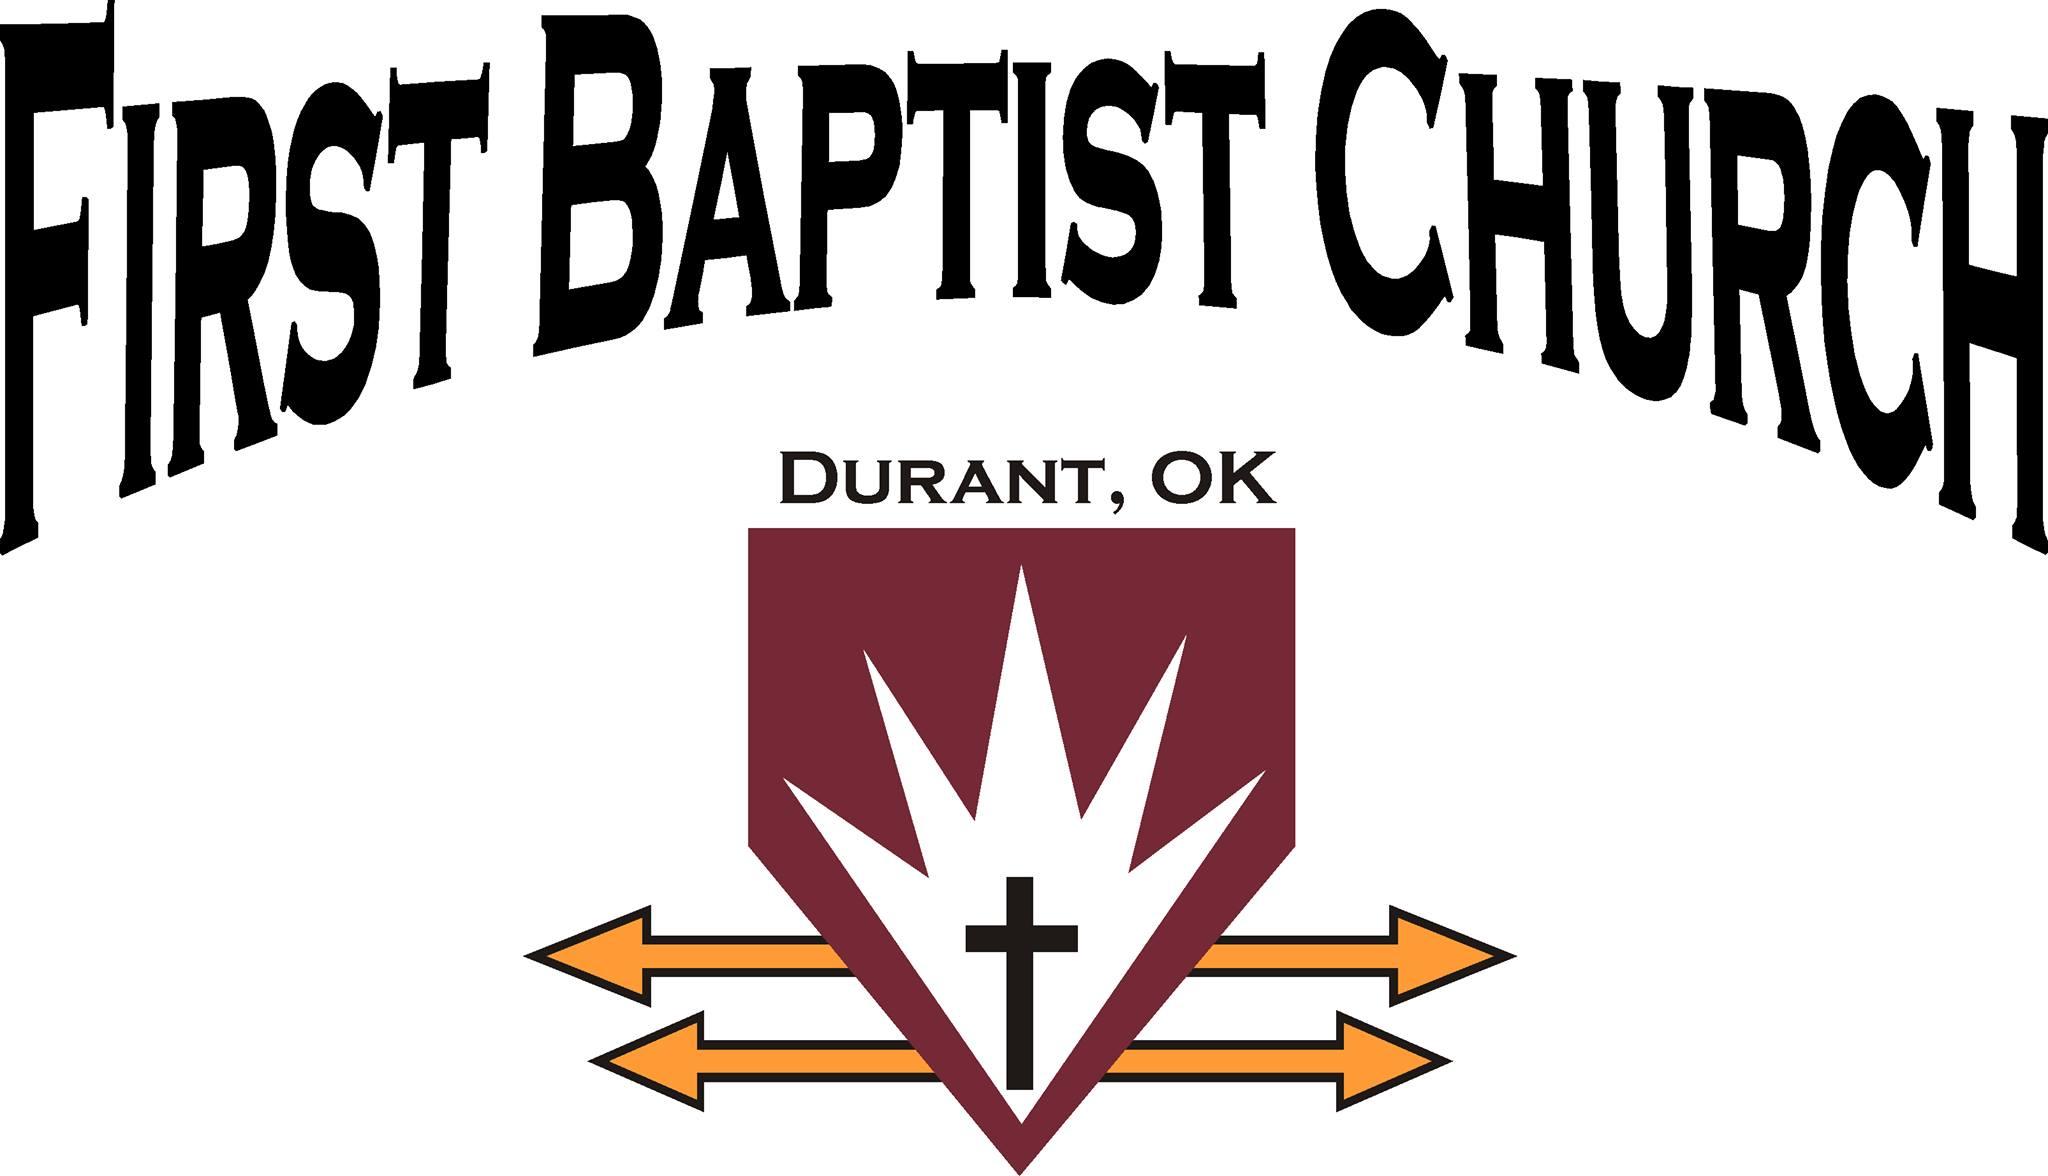 First Baptist Church Durant